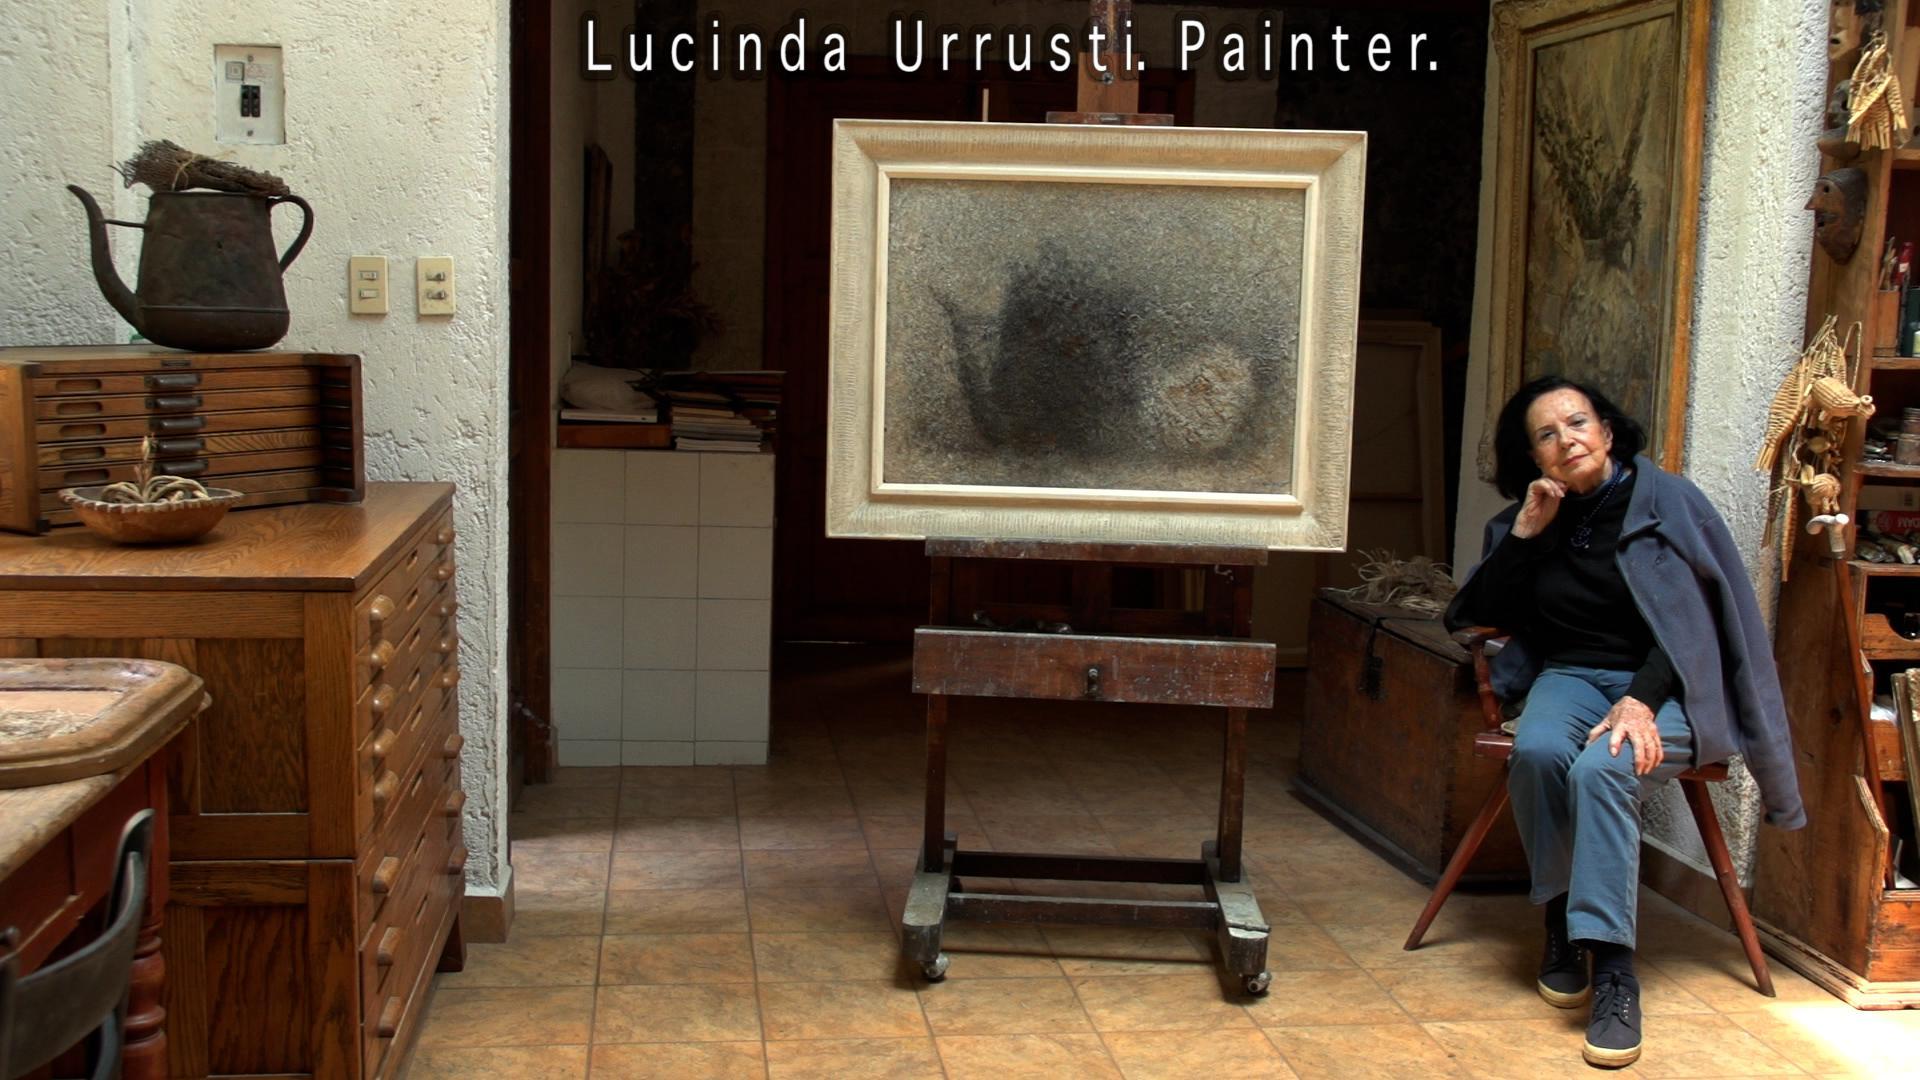 Lucinda Urrusti. Painter.